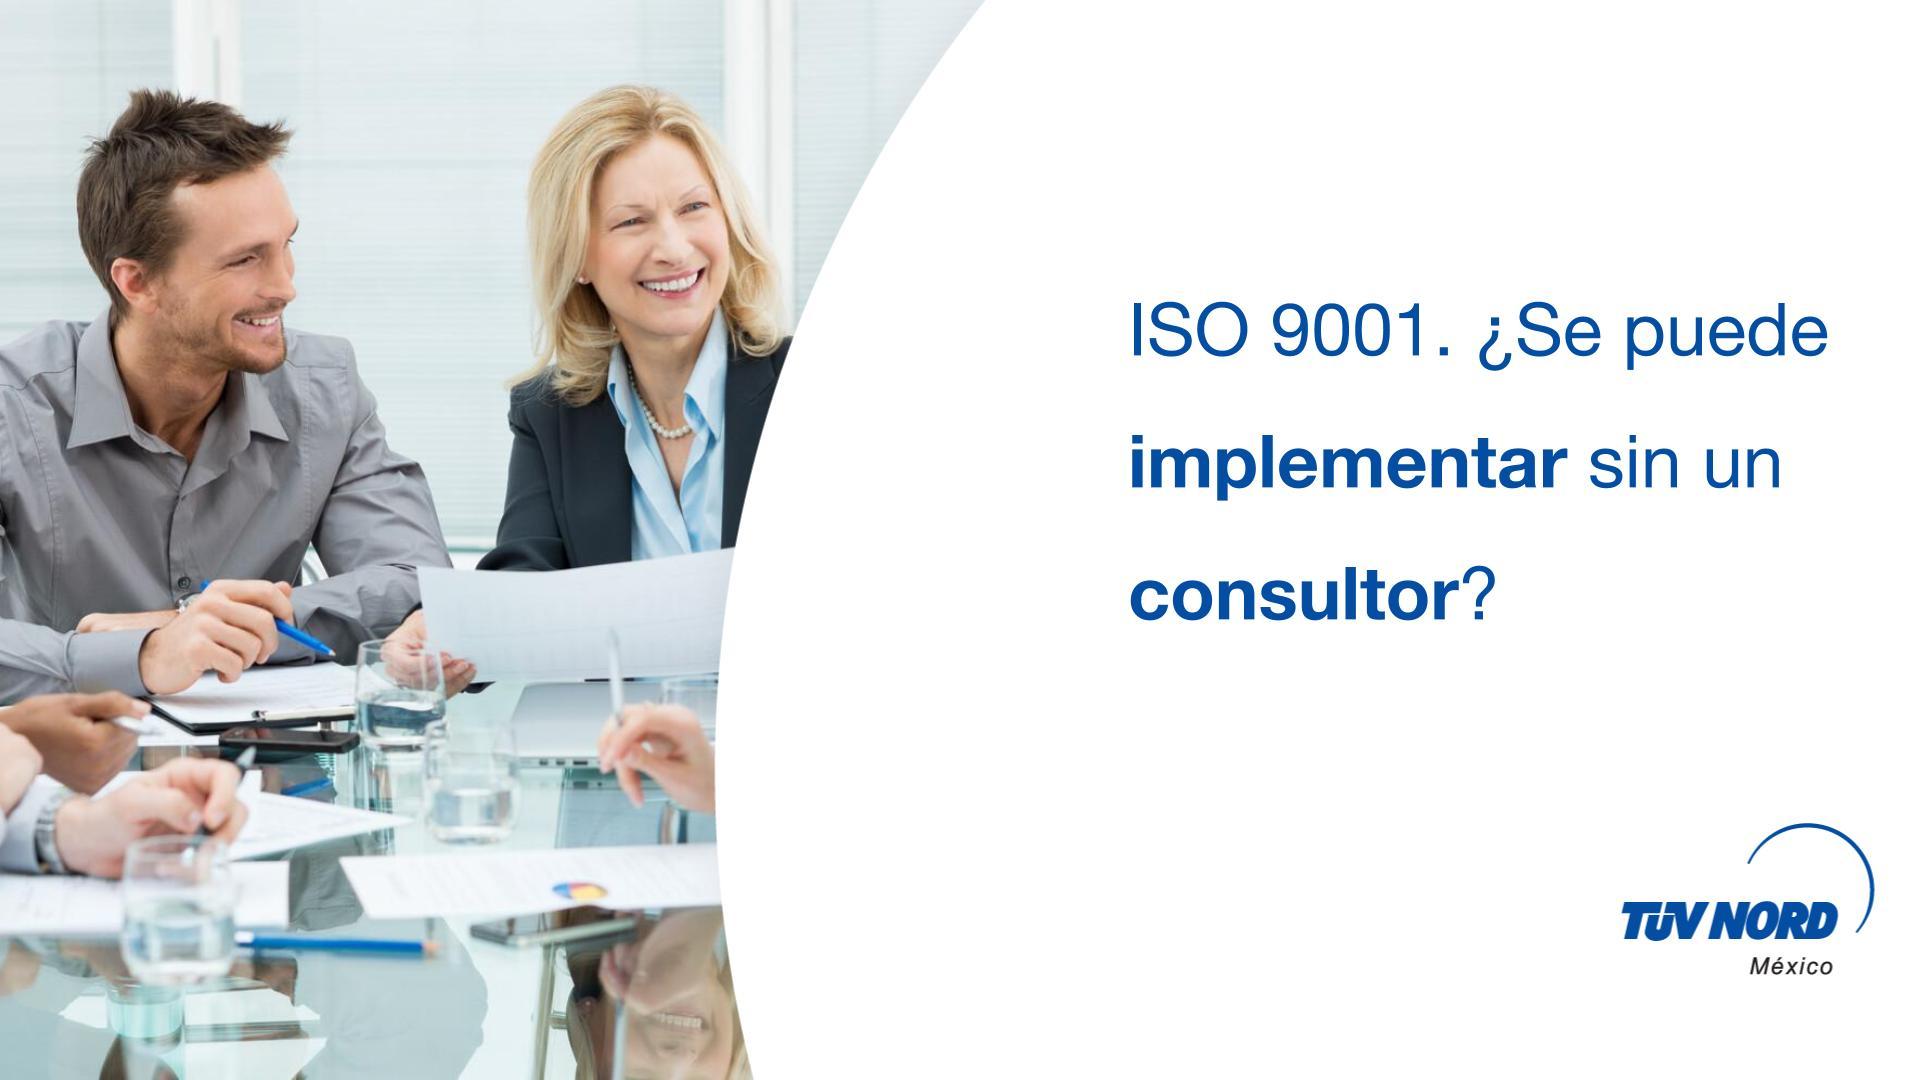 ISO 9001. ¿Se puede implementar sin un consultor?